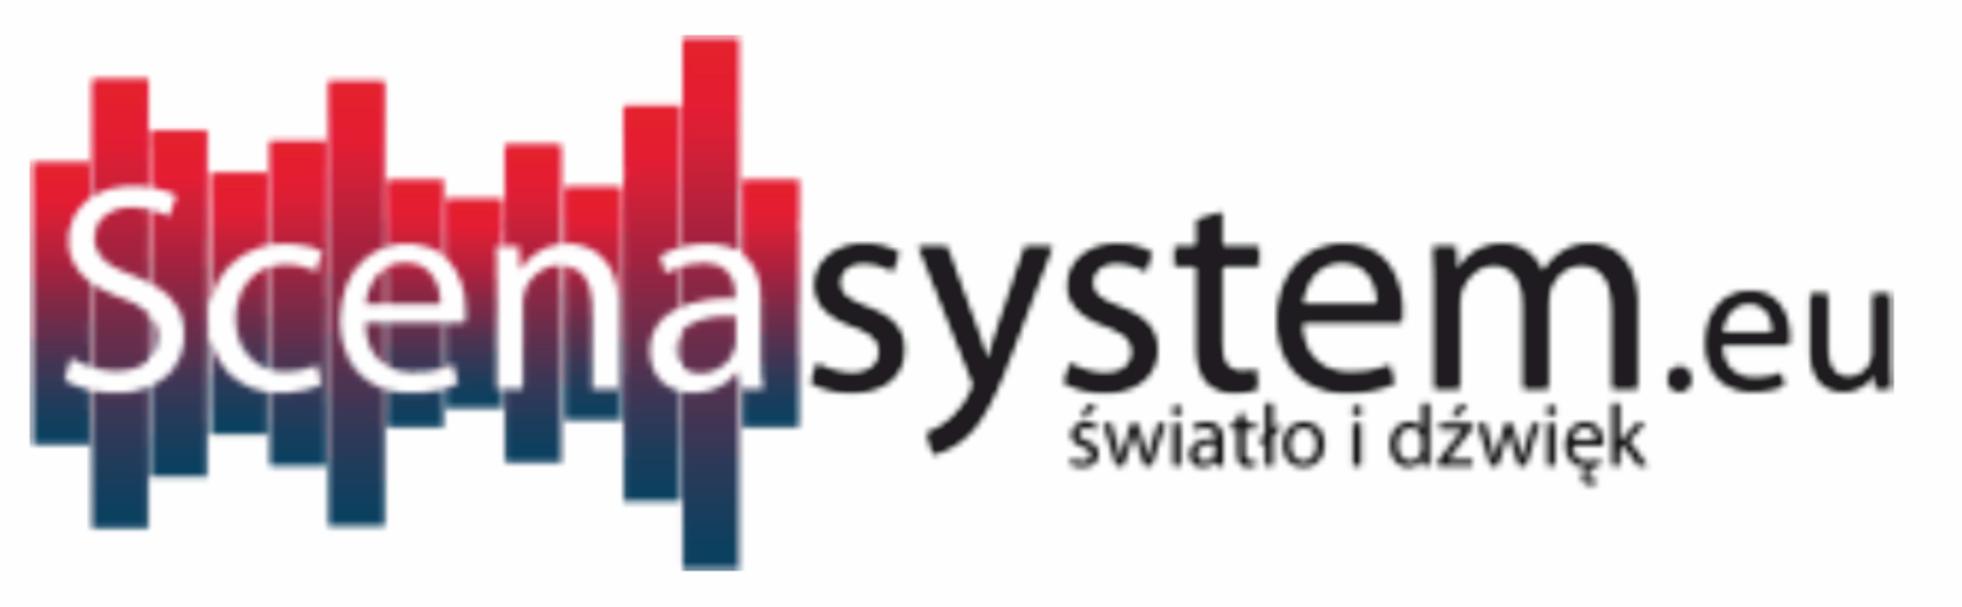 Logo - Scena System